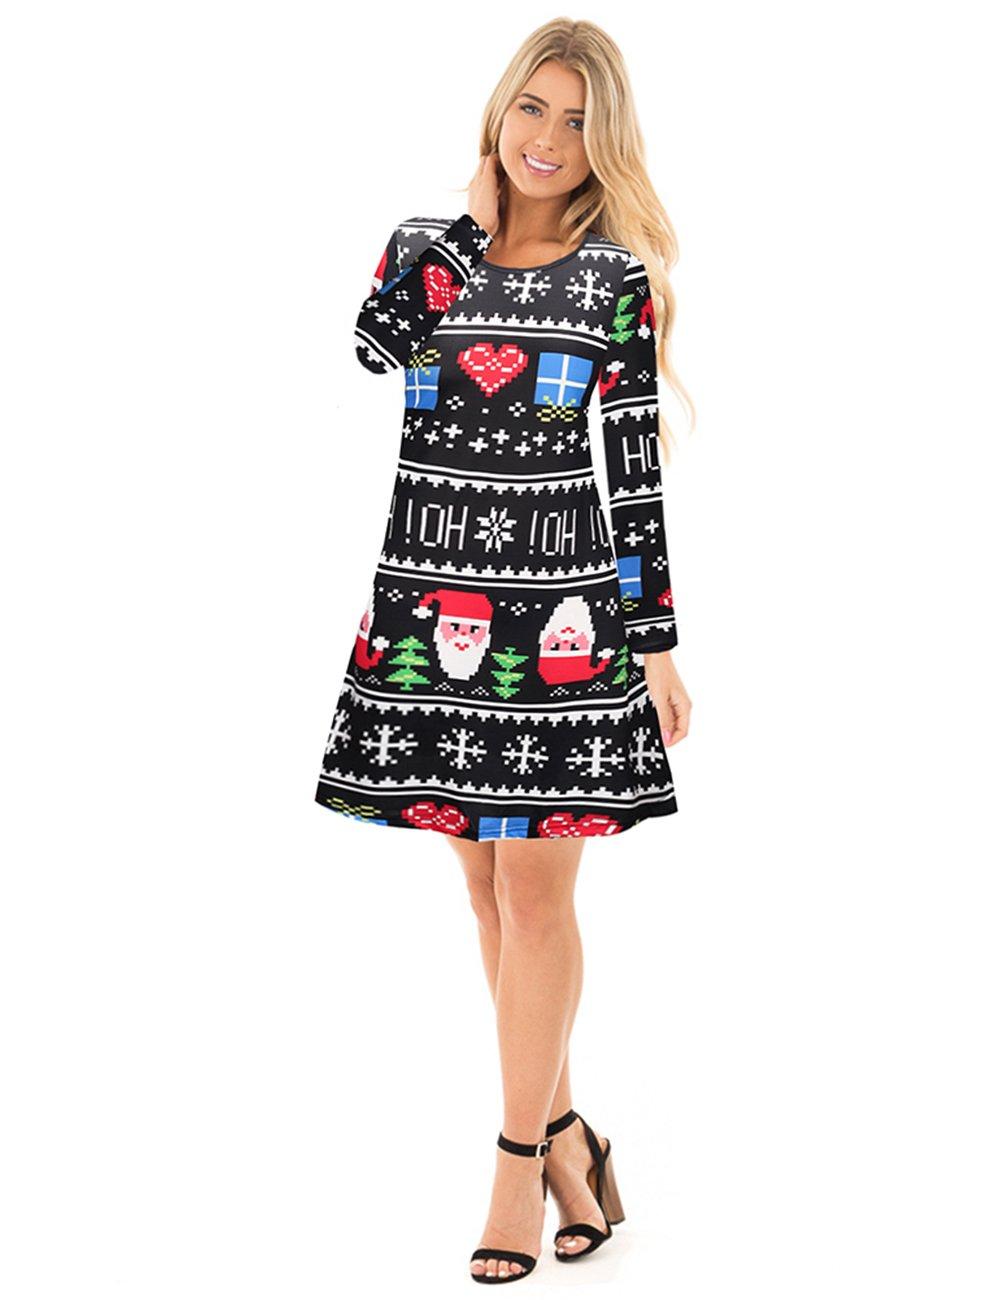 Hässliches Weihnachtskleid für Frauen - Weihnachtsmann und ...